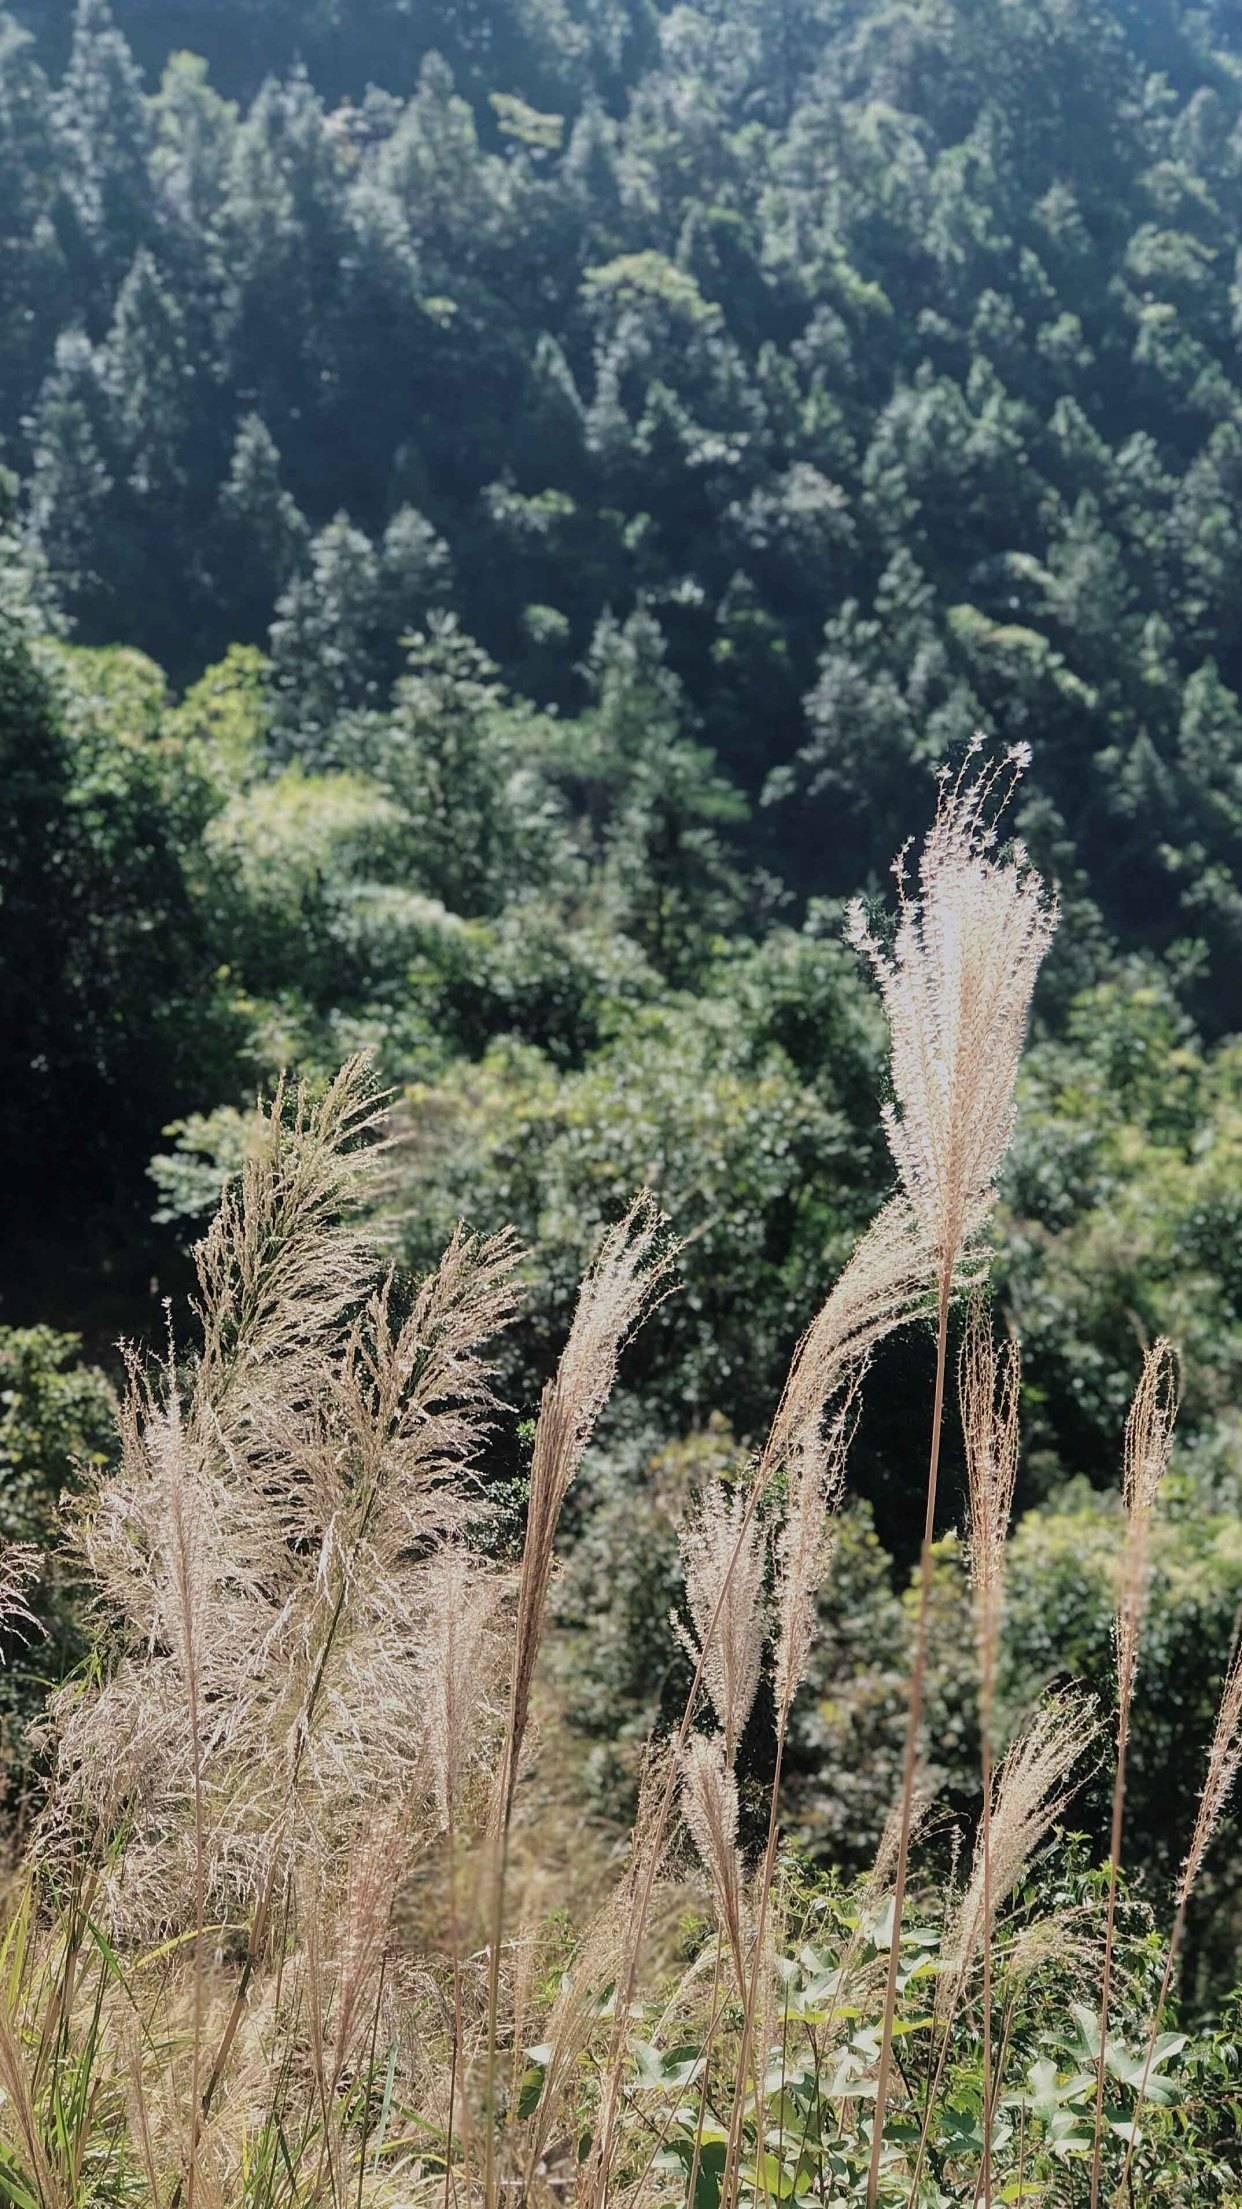 北方有呼伦贝尔大草原,粤西有鸡笼顶高山草甸,你想去玩吗?